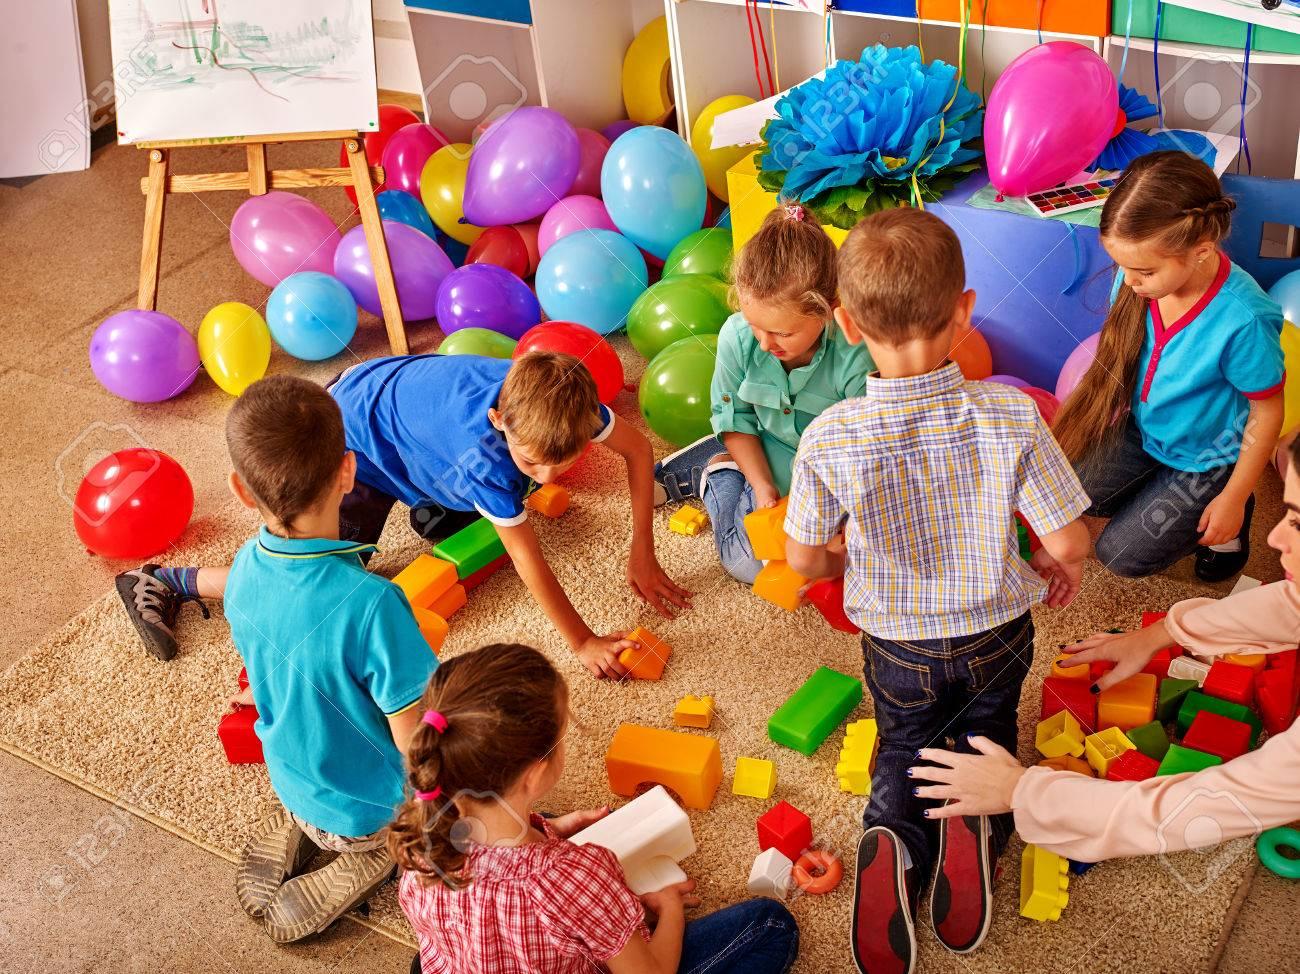 Group children game blocks on floor in kindergarten . Balloons on floor Top view. - 54726546